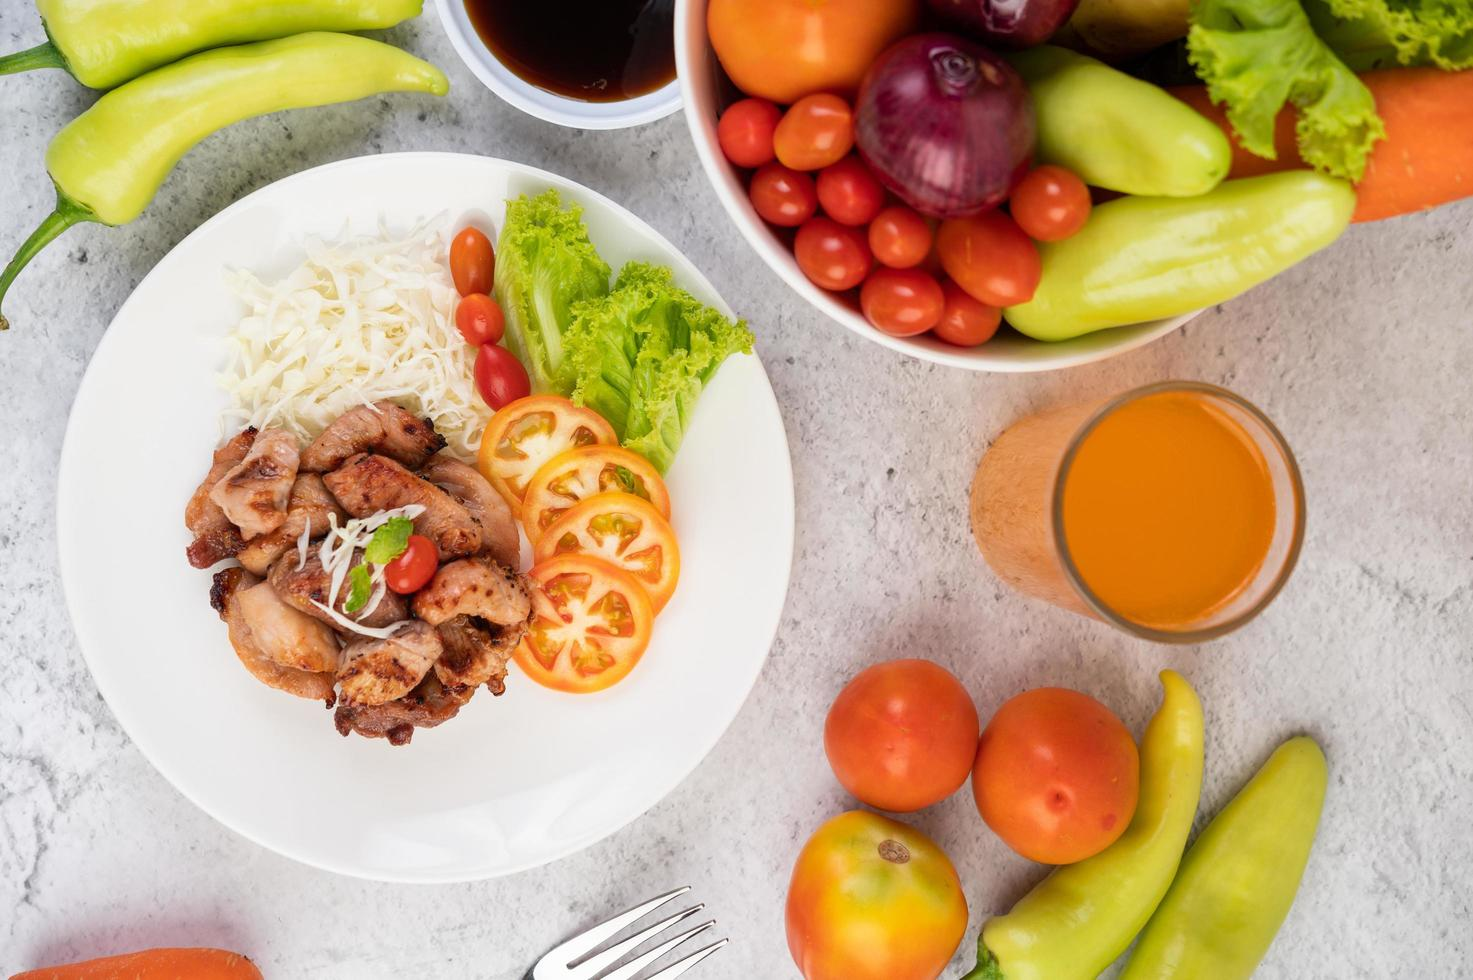 Gegrilltes Schweineschnitzel mit Tomaten und Salat foto